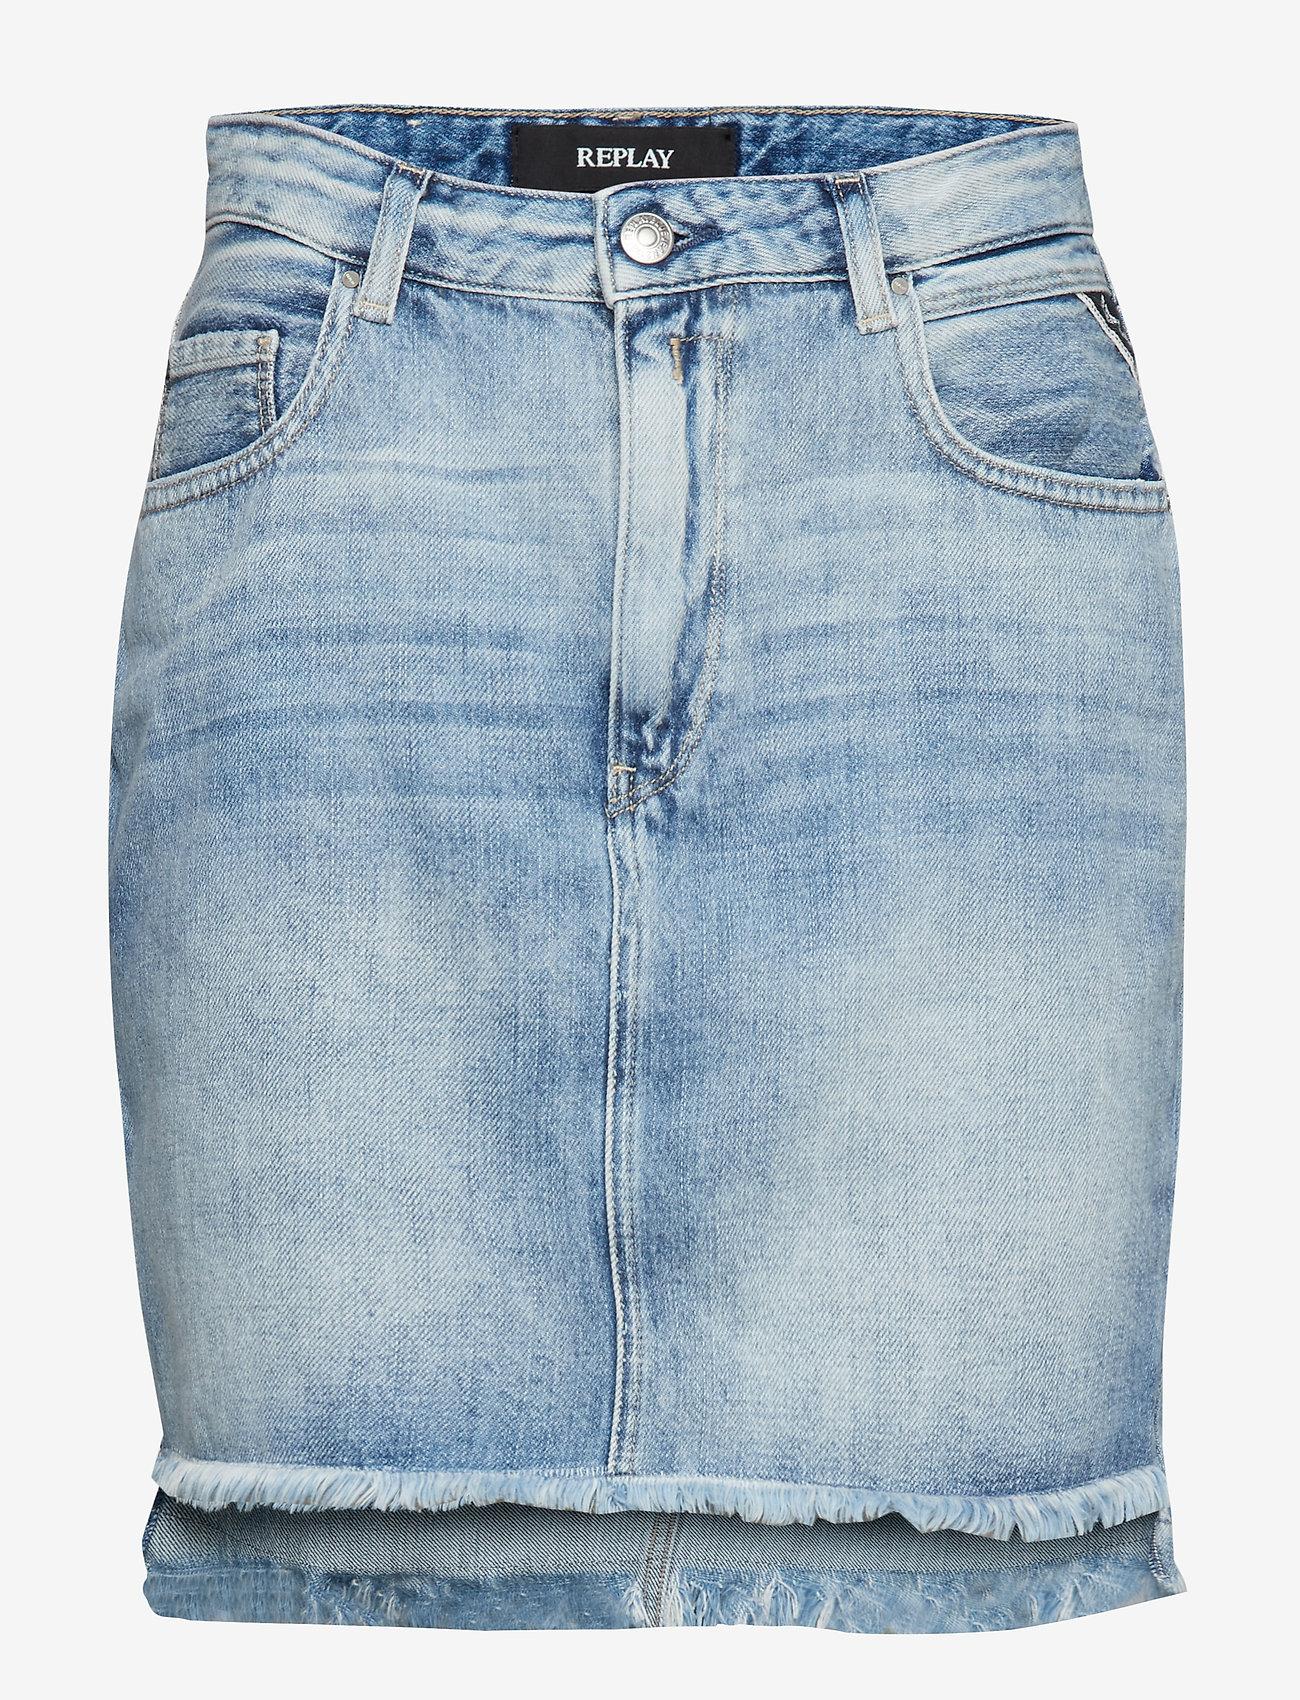 Replay - Skirt - short skirts - light blue